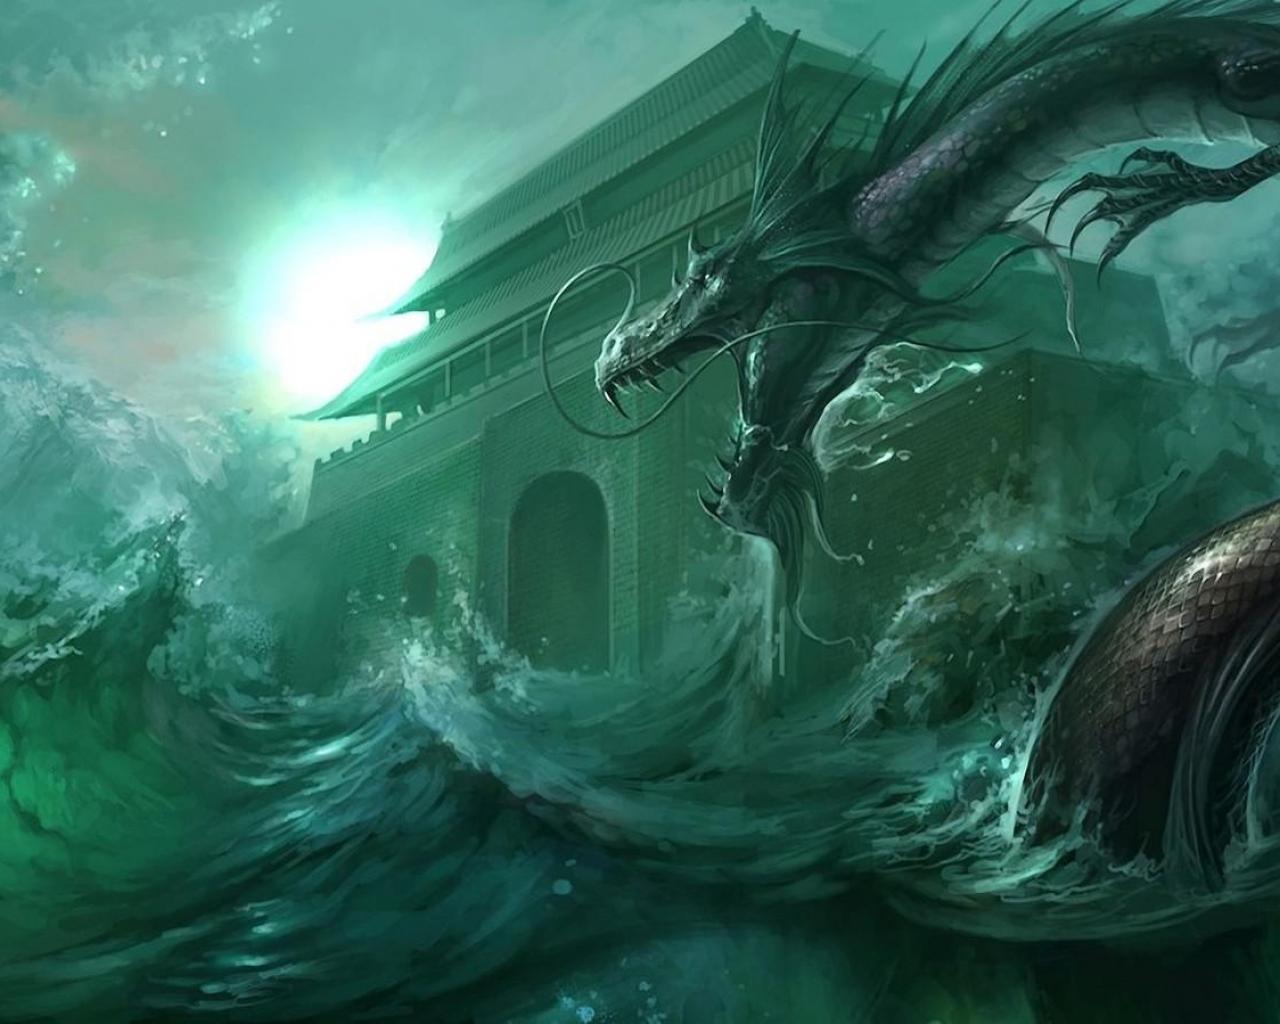 Water Dragon Wallpaper - WallpaperSafari